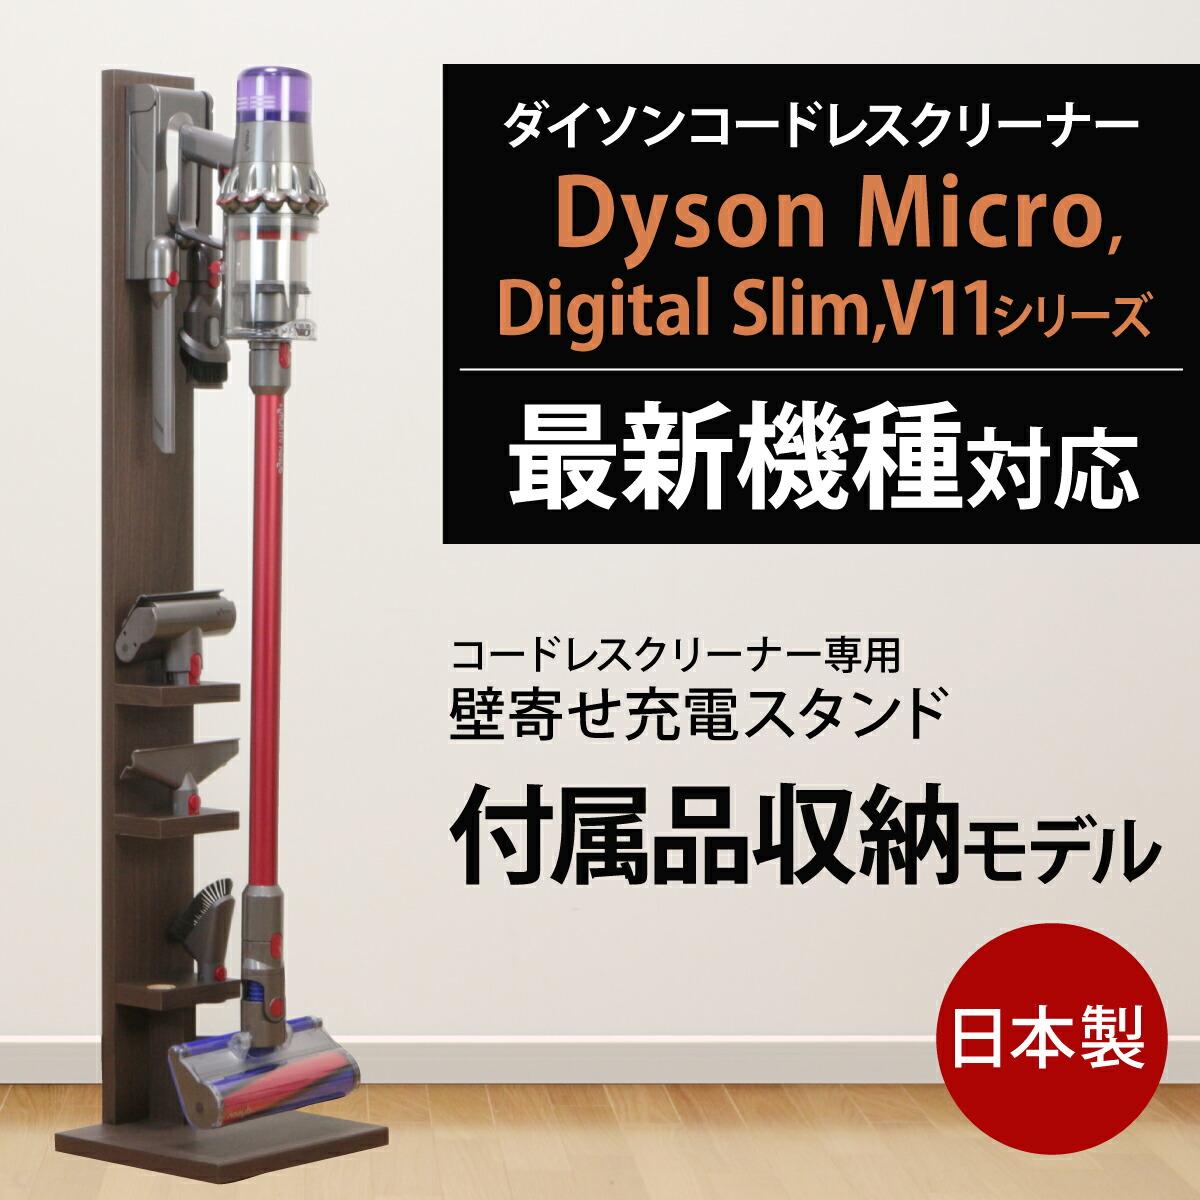 ダイソンスタンド DB-450